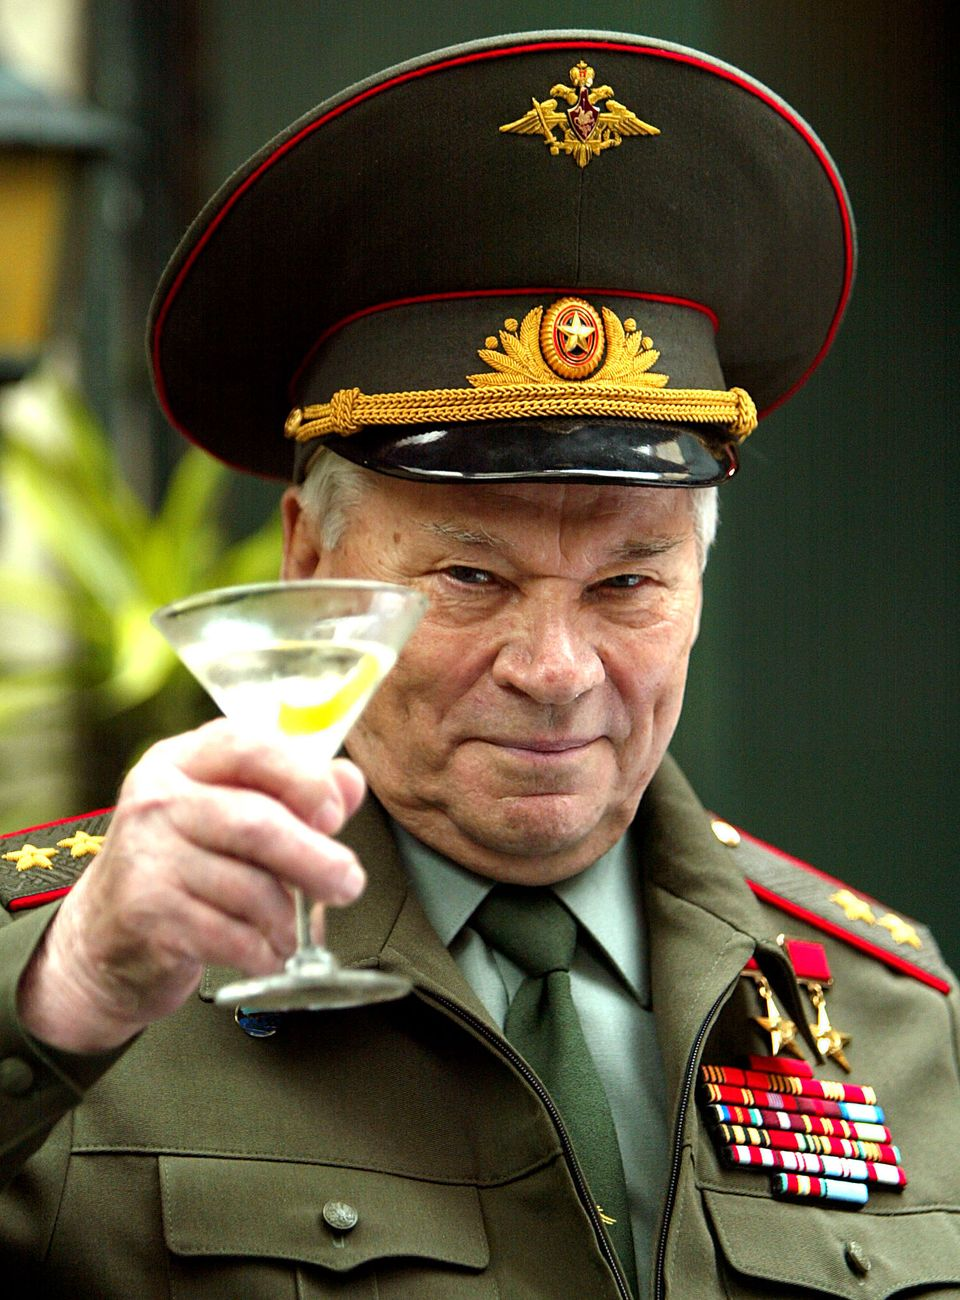 оригинальные фото поздравления с днем рождения калашникова